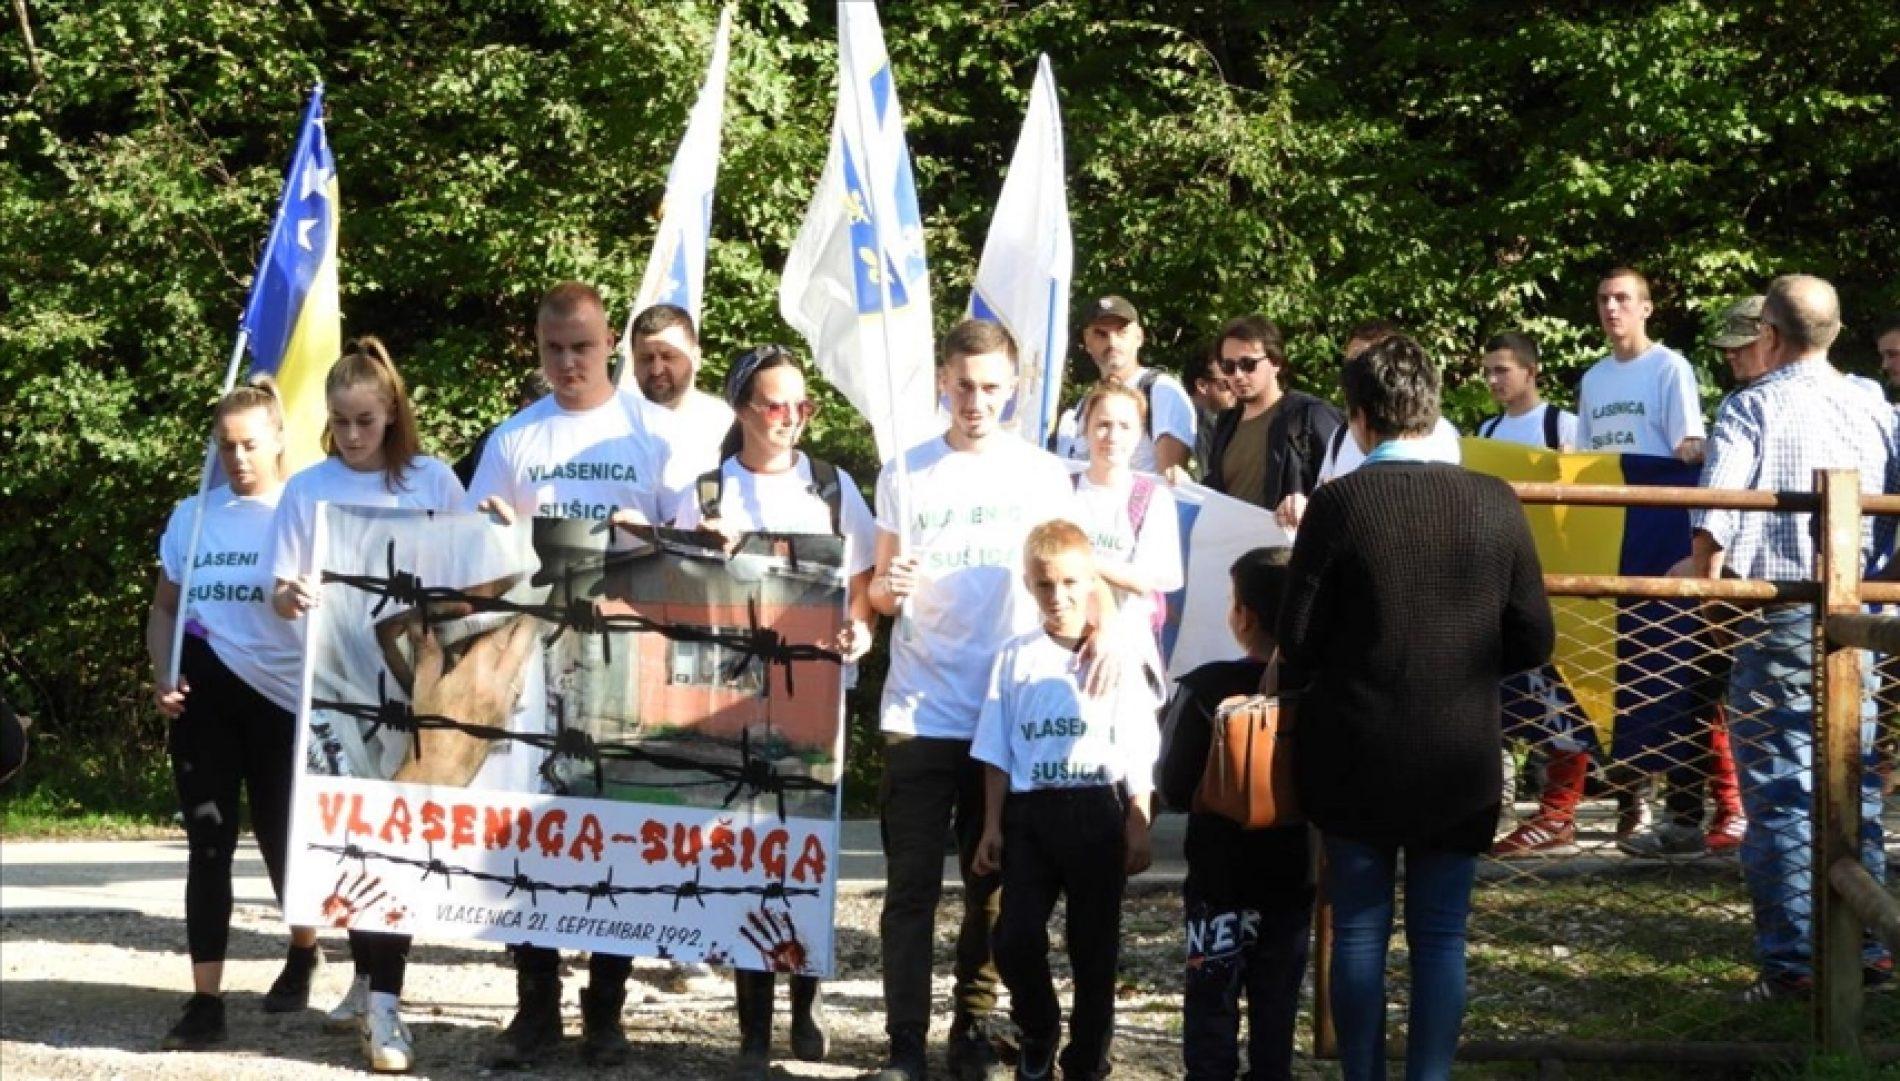 Obilježavanje godišnjice zločina u logoru Sušica – kroz ovaj logor je prošlo i bilo zatvoreno oko 8.000 osoba